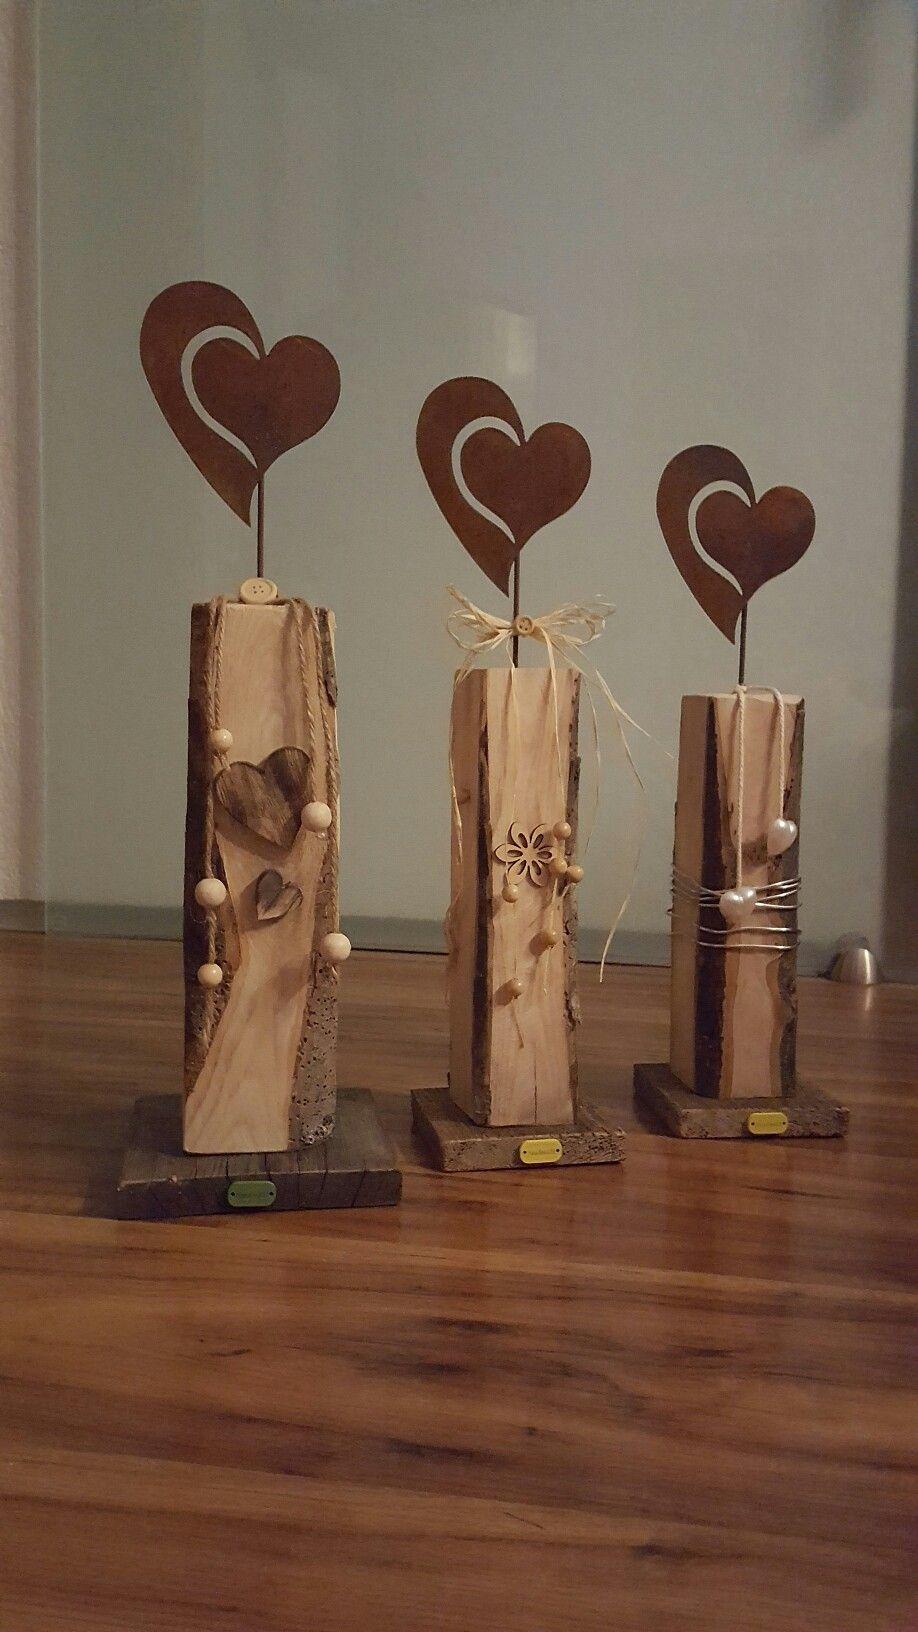 Holzdeko Herz | Kreatives aus Holz | Pinterest | Holz, Holzdeko ...